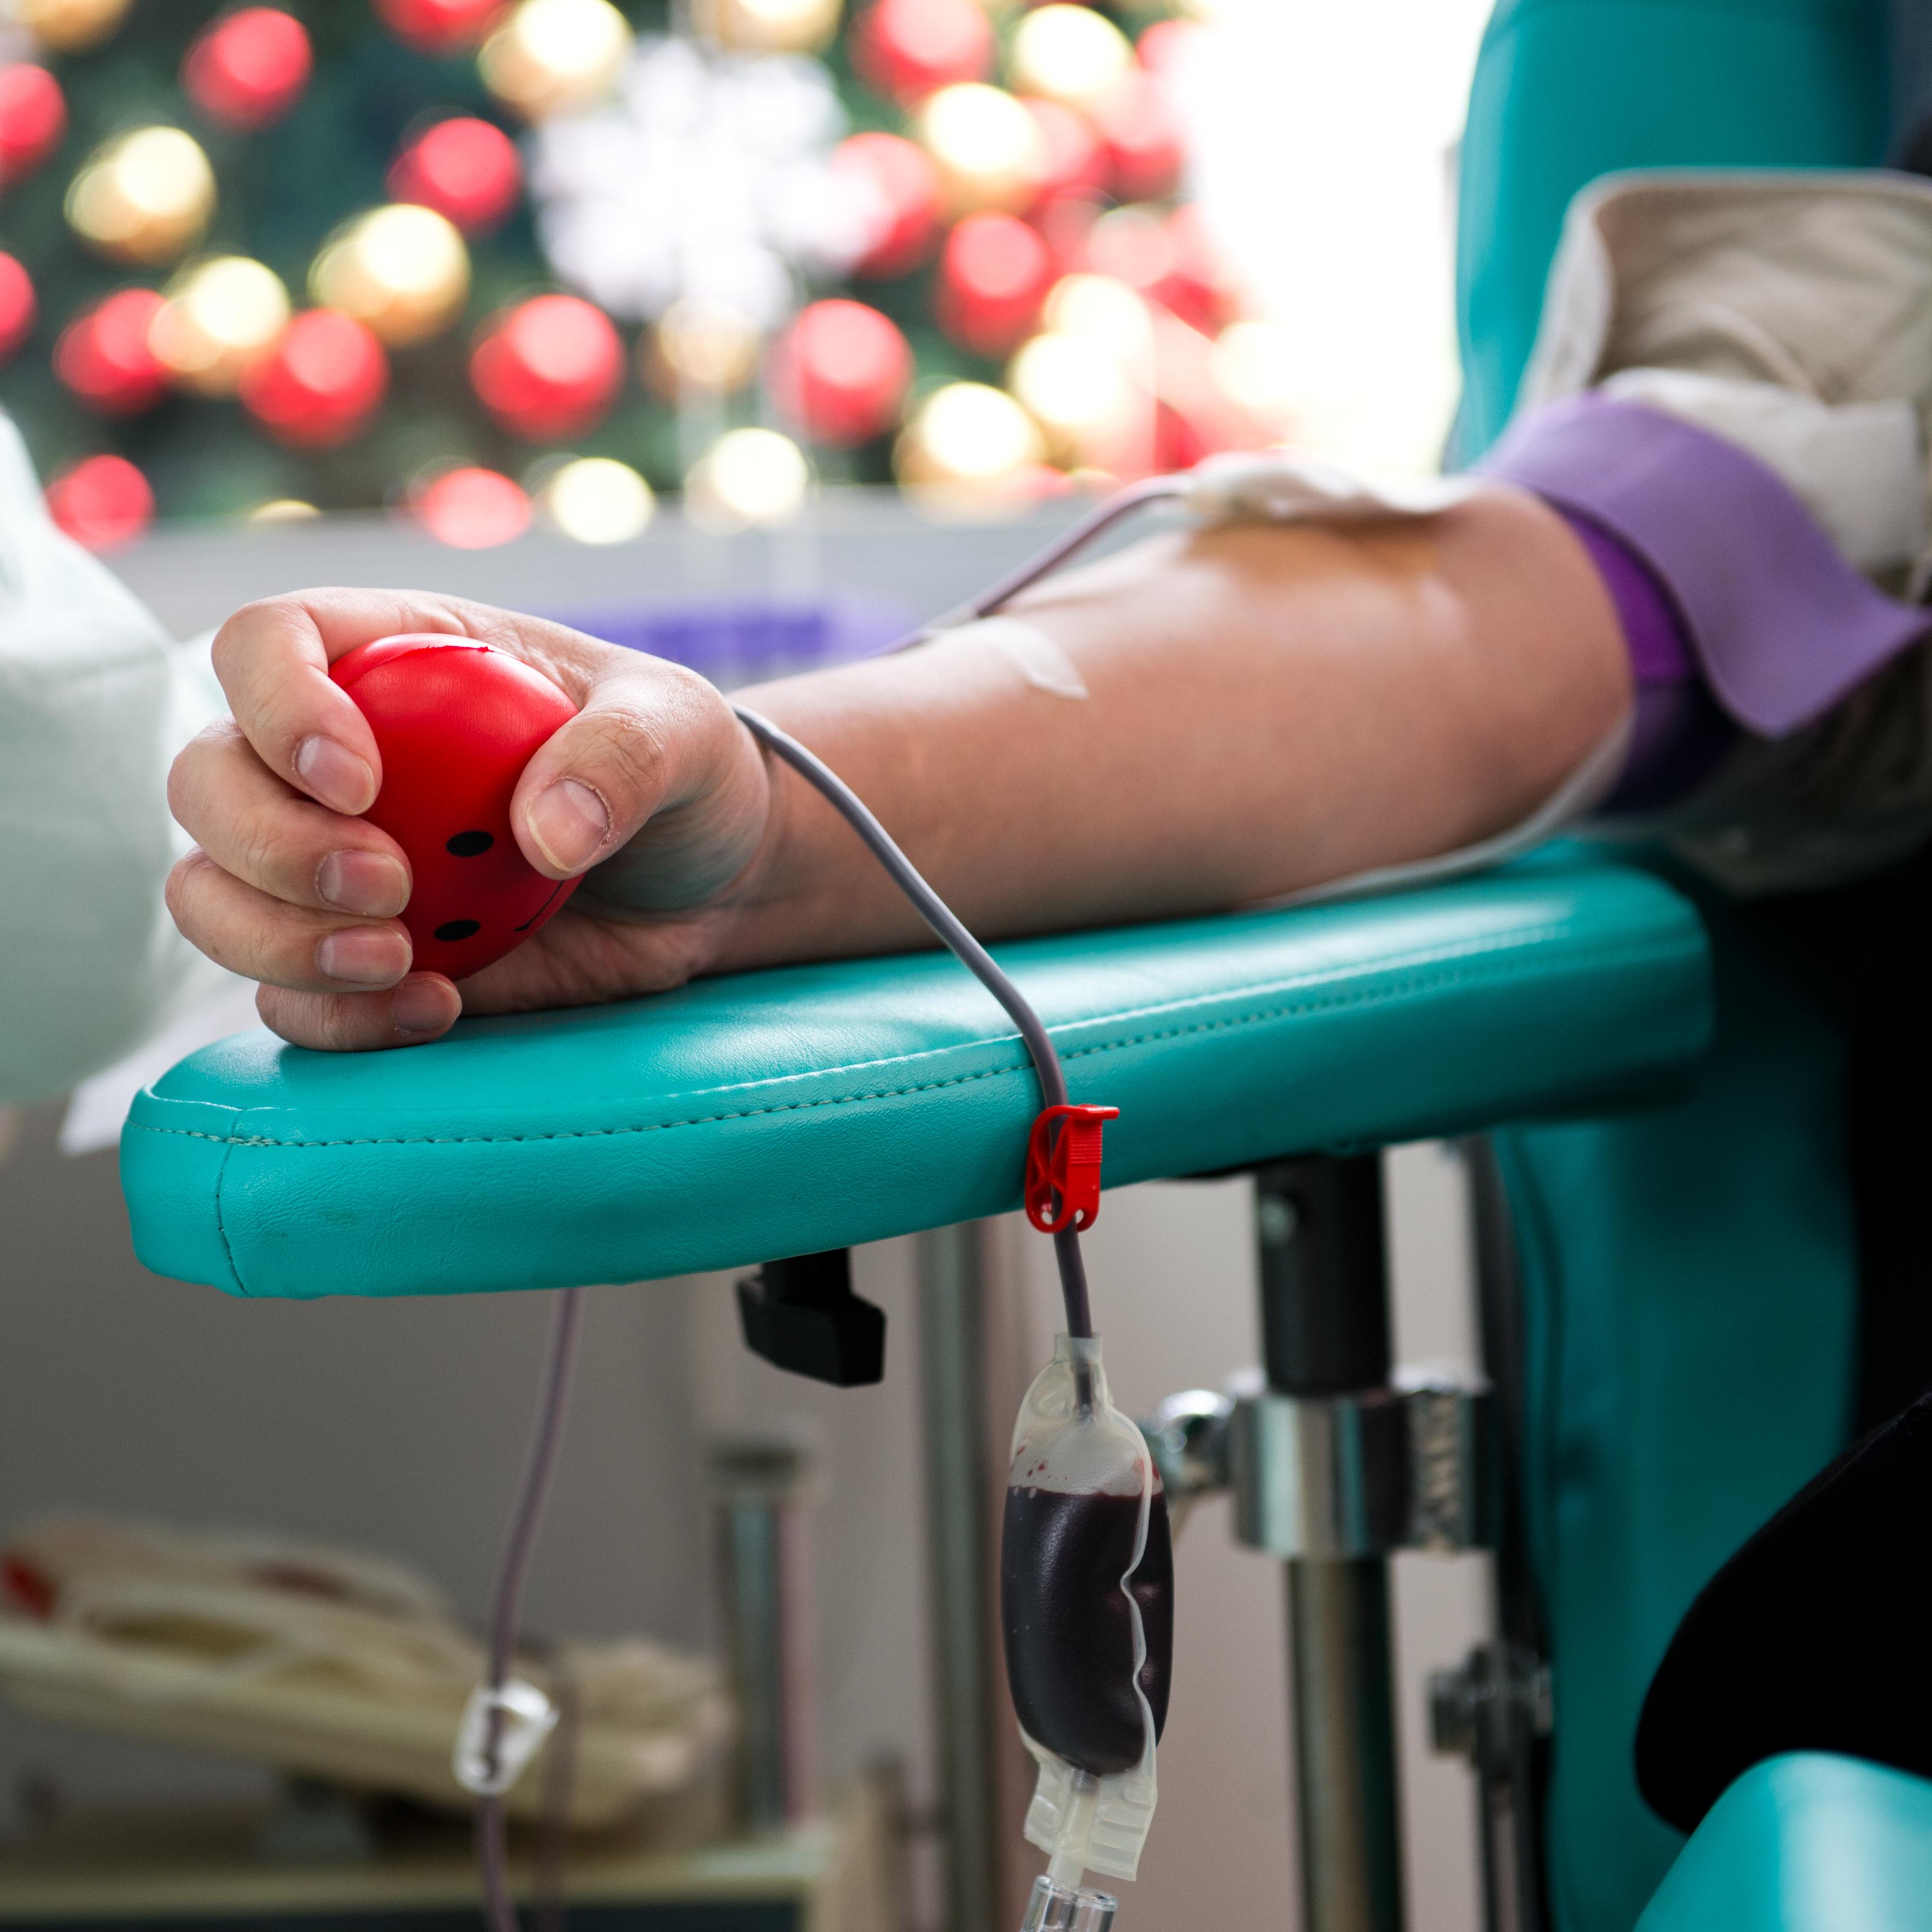 Inför jul- och nyårshelgen påminner man extra om behovet av blodgivare för att undvika blodbrist under jul- och nyårshelgerna.